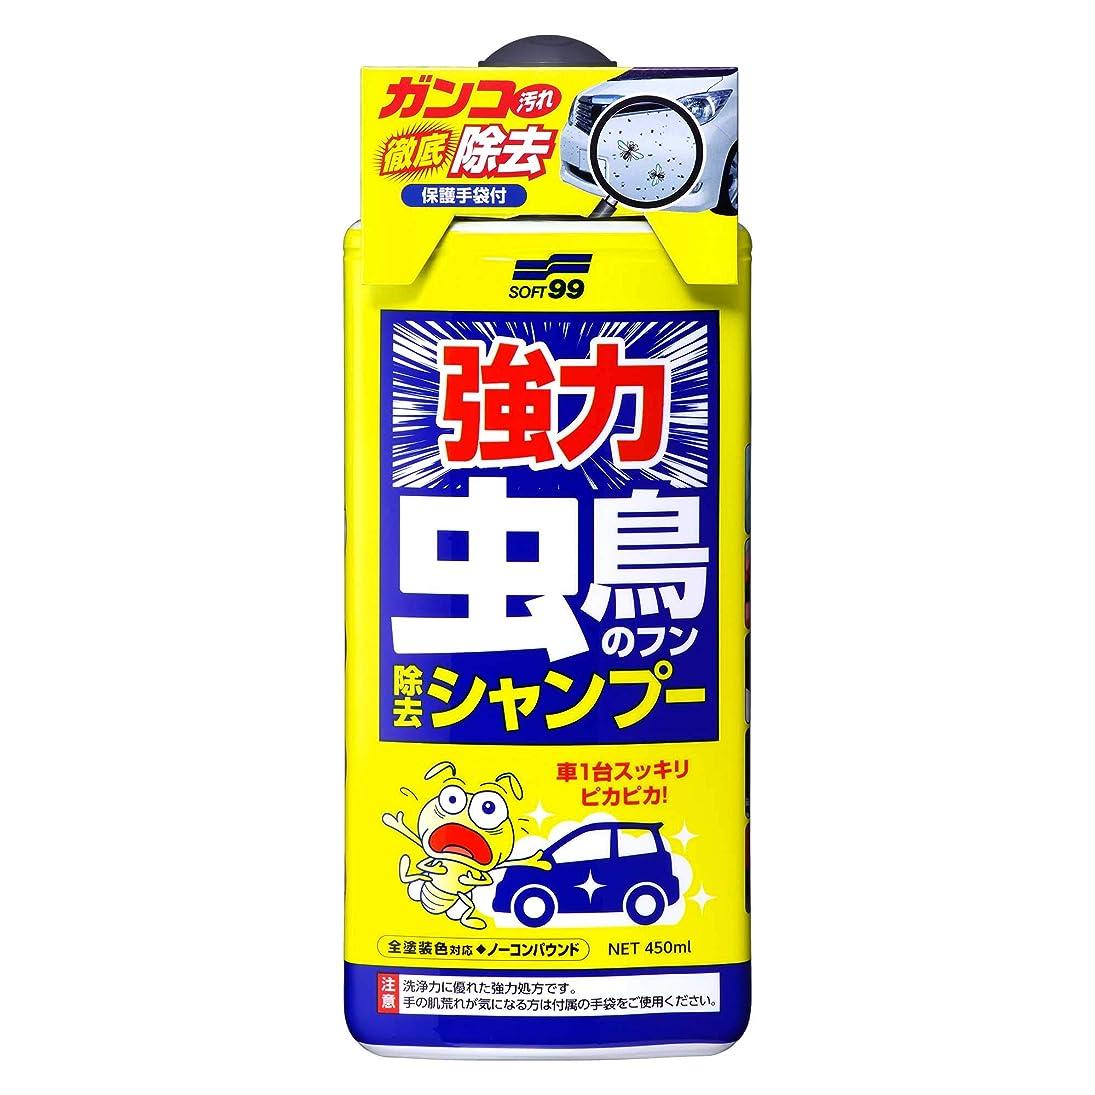 料理イタリアの包括的SOFT99 ( ソフト99 ) 洗車 シャンプー 強力 虫?鳥フン除去シャンプー 04288